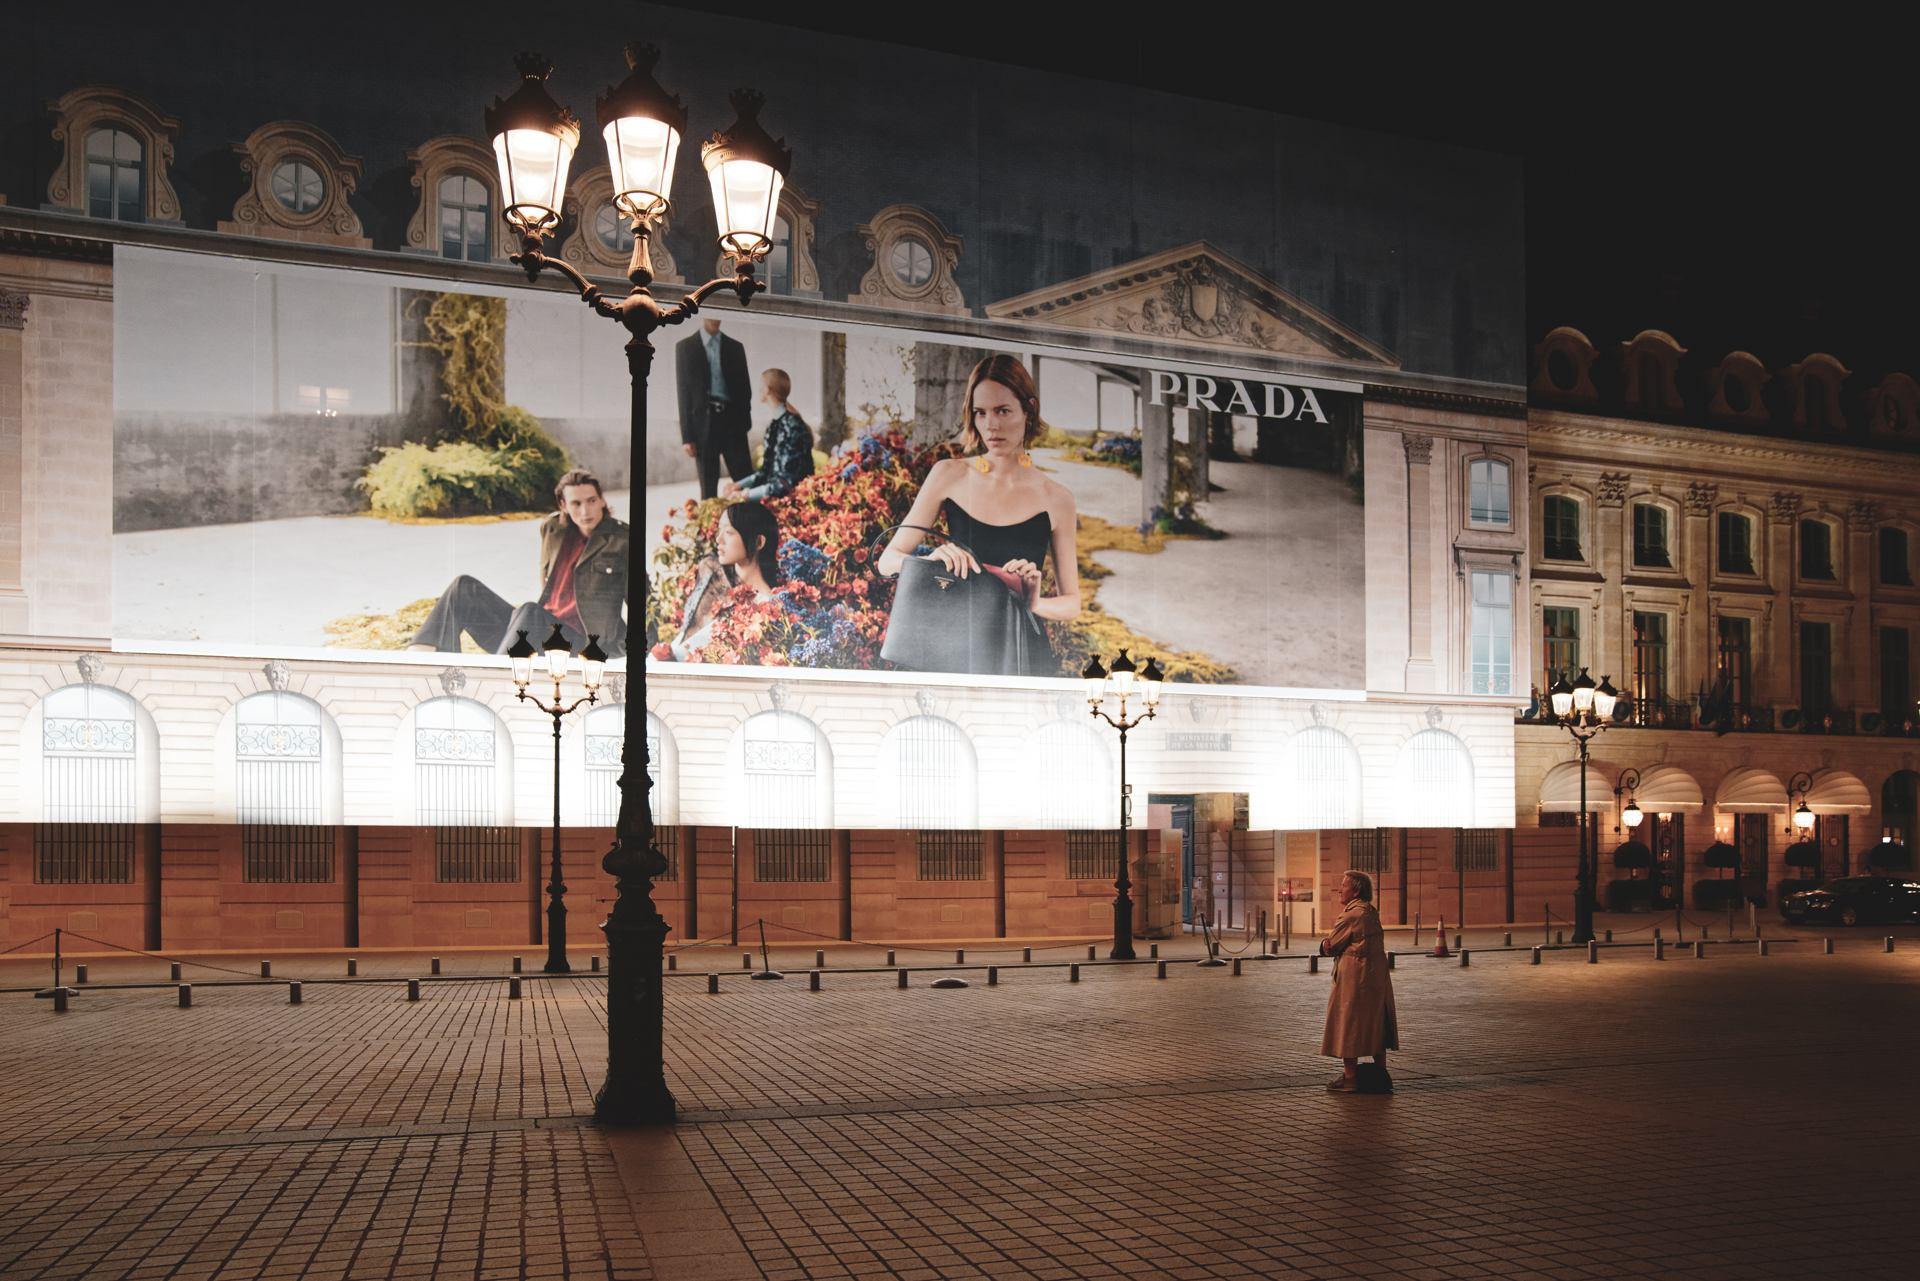 jan_malaise_sijetaisunobjet La dame pensive et dépensive, Paris Place Vendôme 2019